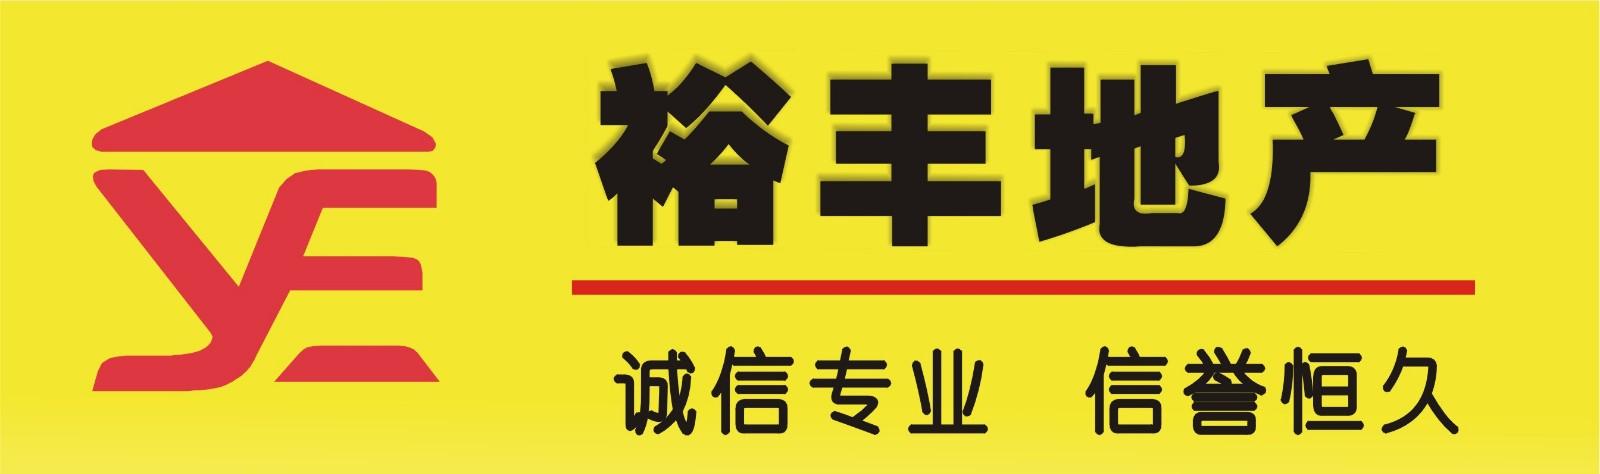 广州裕丰咨询顾问有限公司荔福分公司